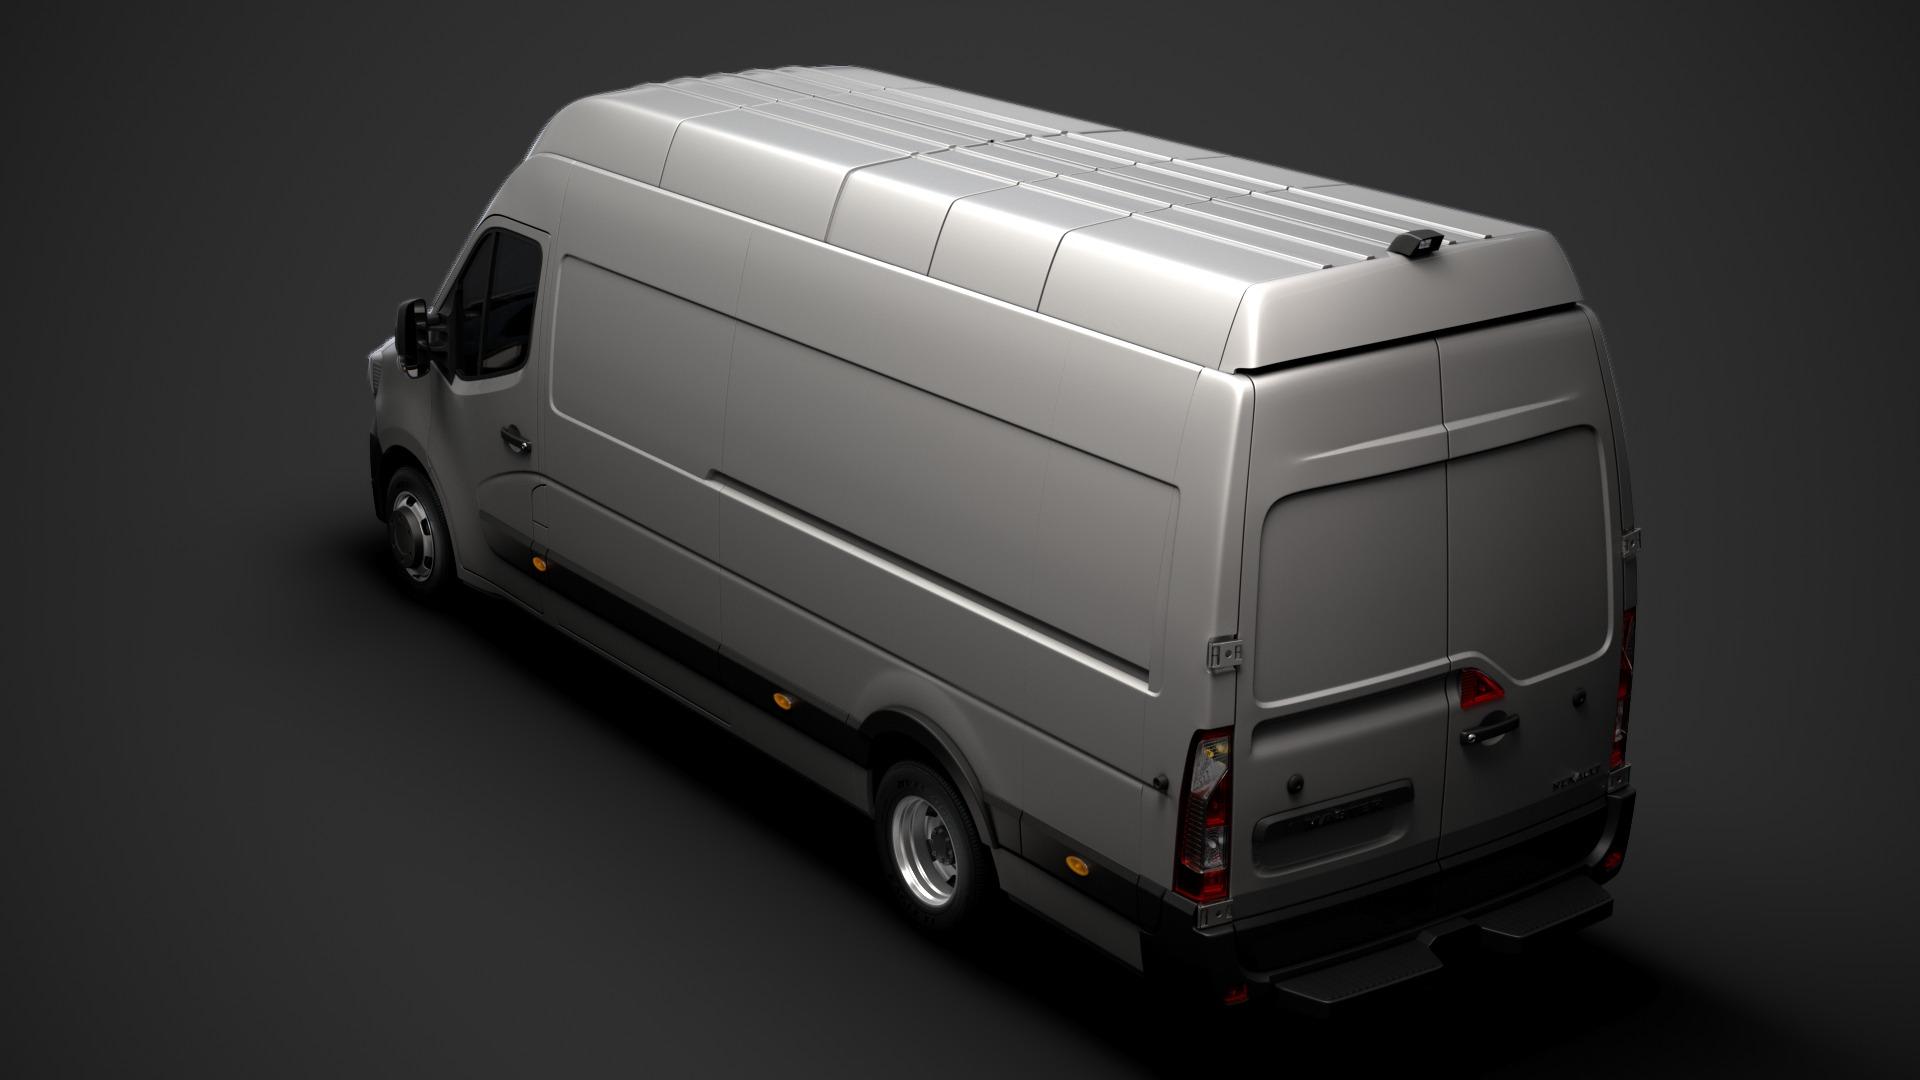 Location d'un utilitaire fourgon maxi surélevé - Renault Master L4H3 15m3 - Vue4